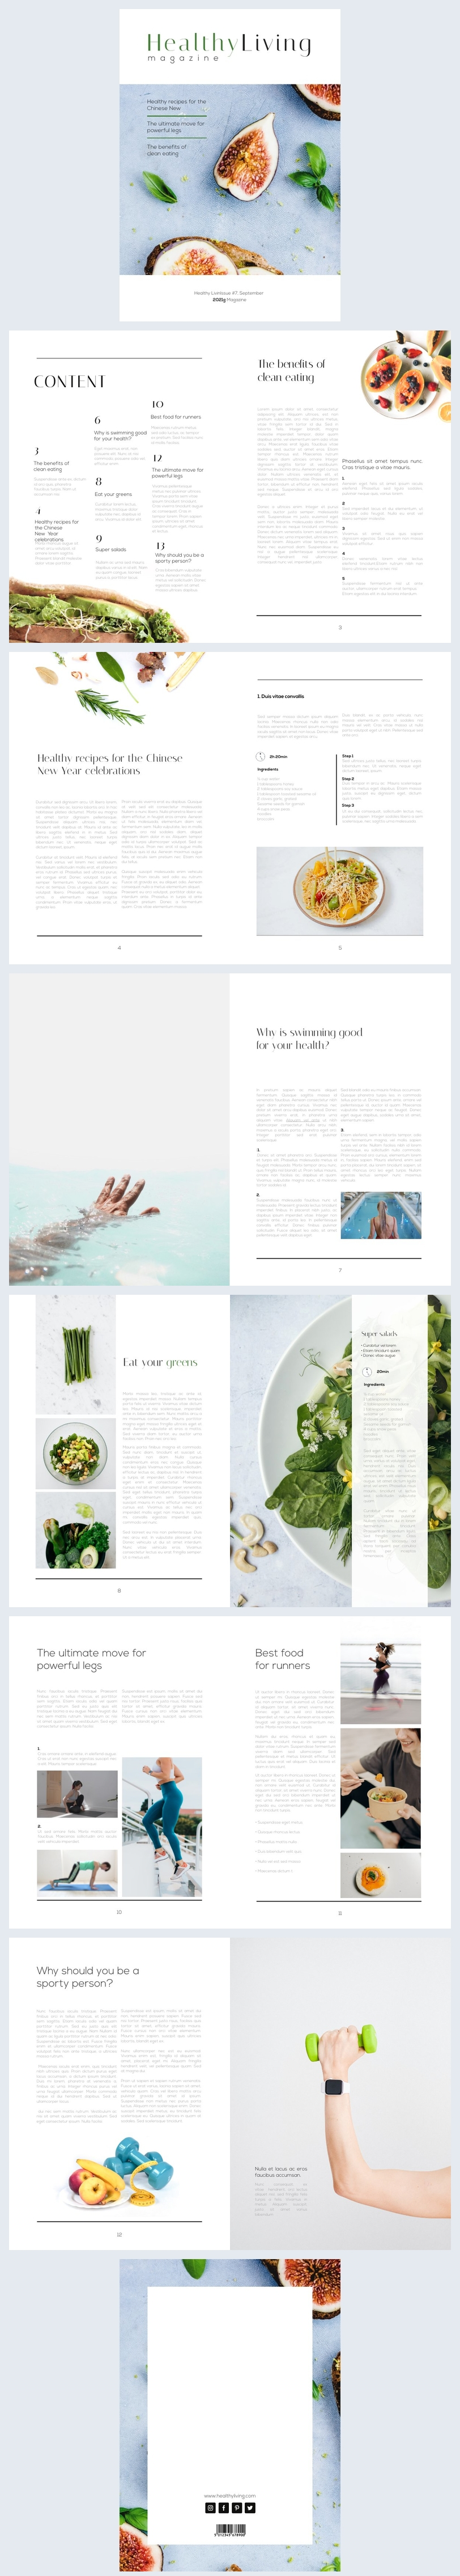 Interaktives Magazin-Design für Gesundes Leben